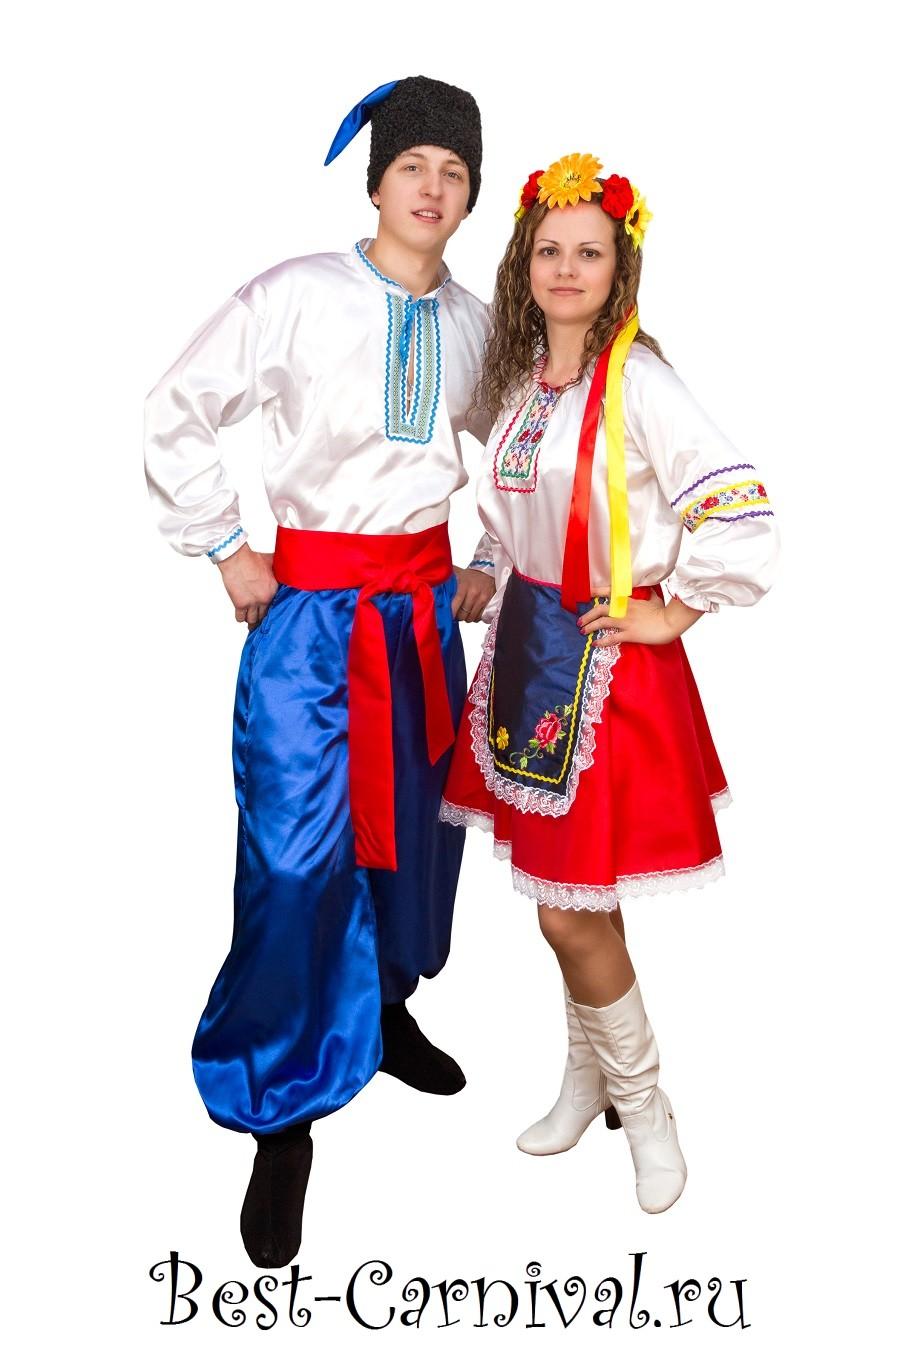 Картинки украинки и украинца для детей, различные прикольные